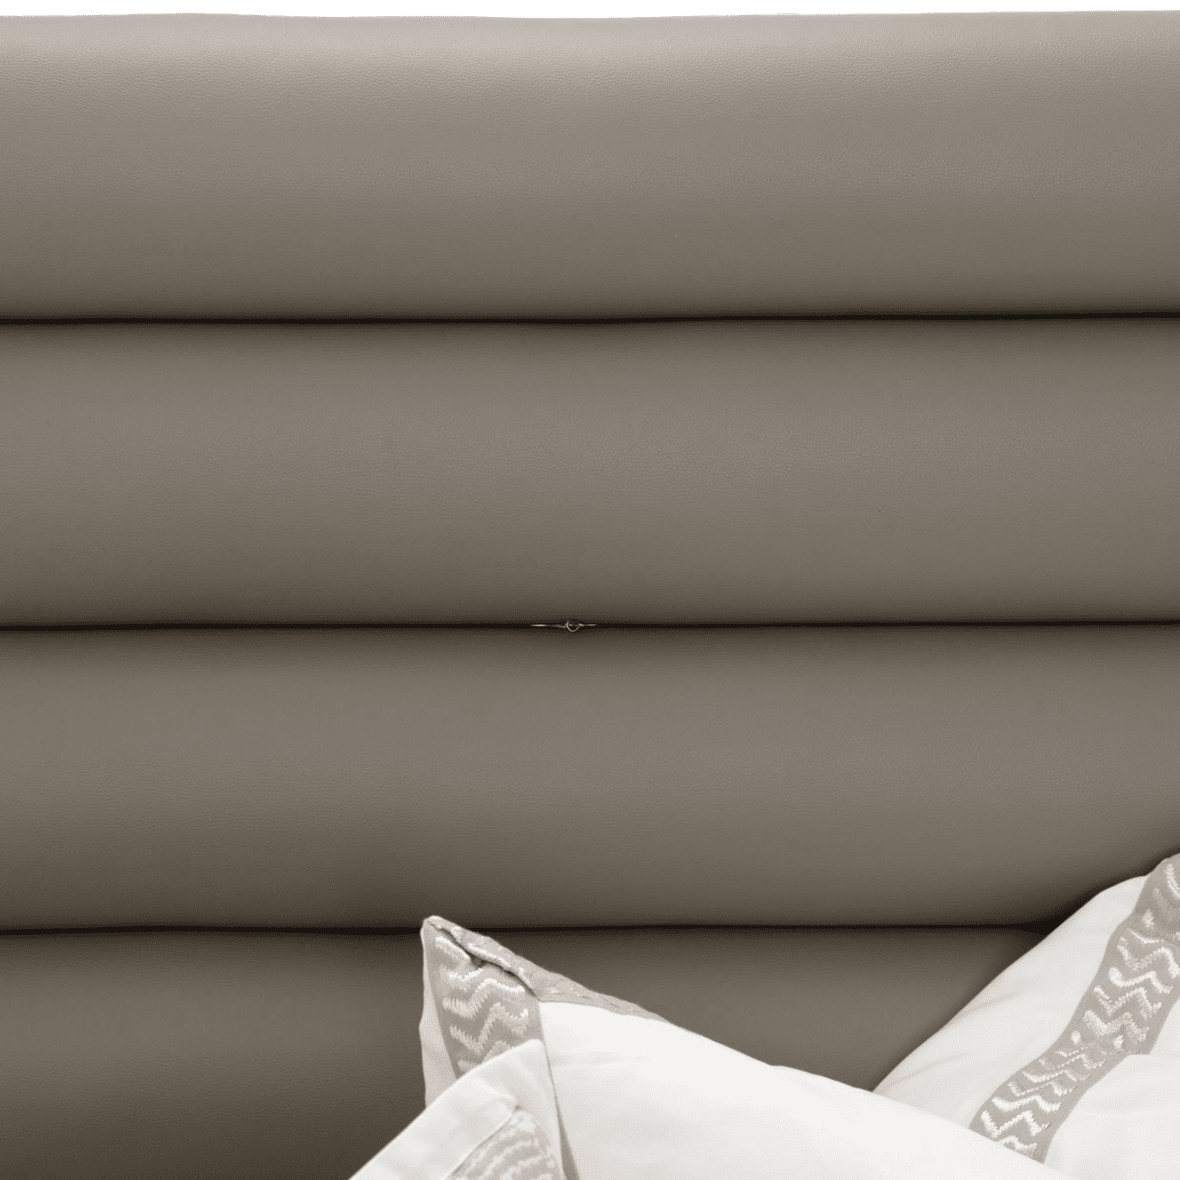 Кровать с декоративным балдахином с подсветкой, размер Eastern King